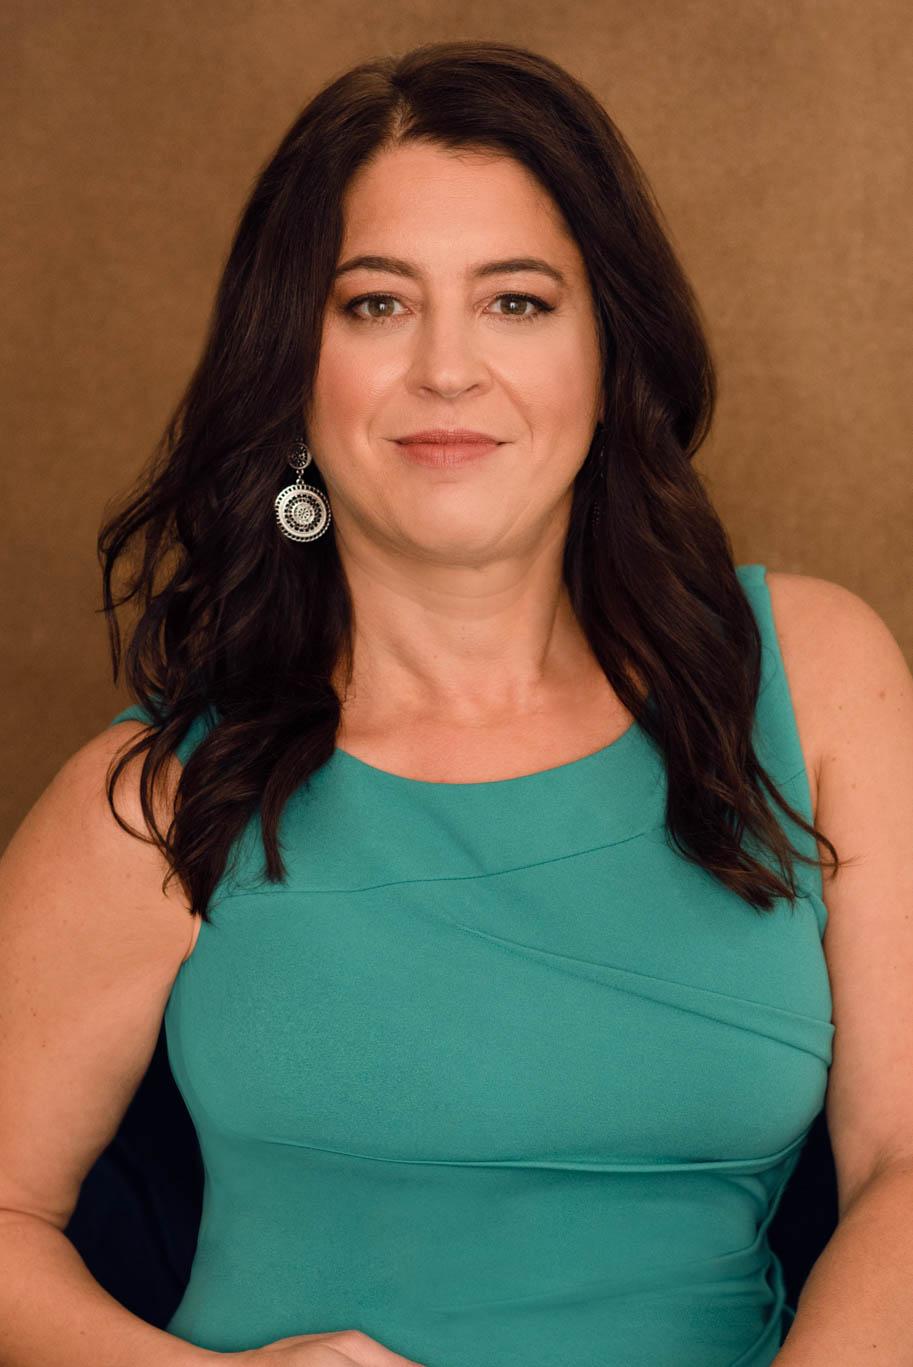 Jennifer Maxian